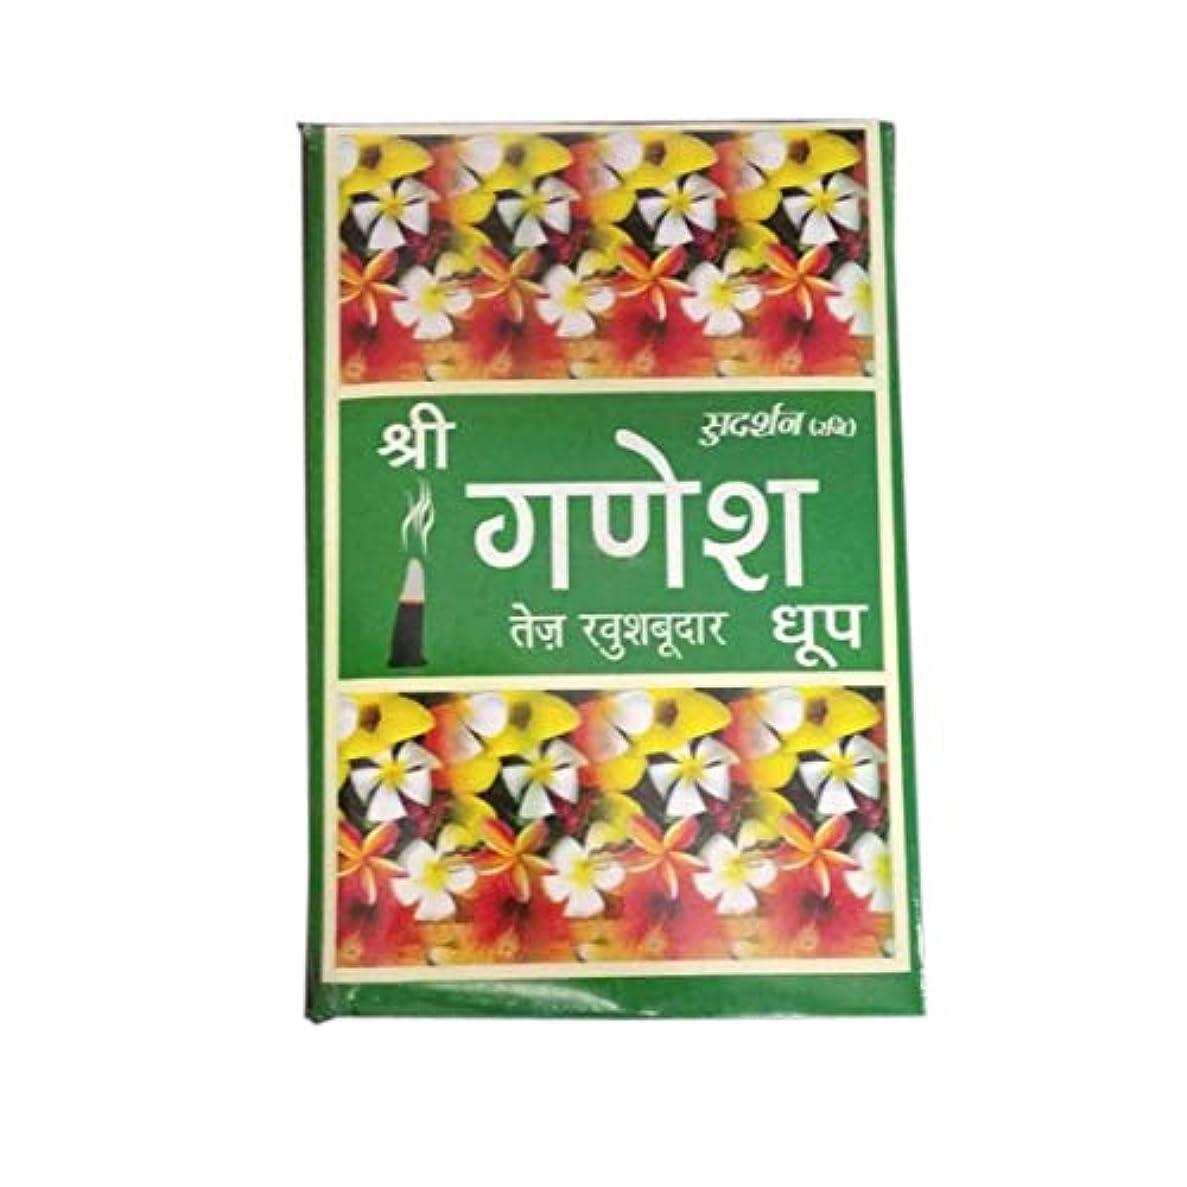 バーチャルトライアスリートボルトTotal Home :Sudarshan Shri Ganesh Highly Perfumed dhoop Fragrance for Positivity & Freshness Fragrance Dhoop Batti...